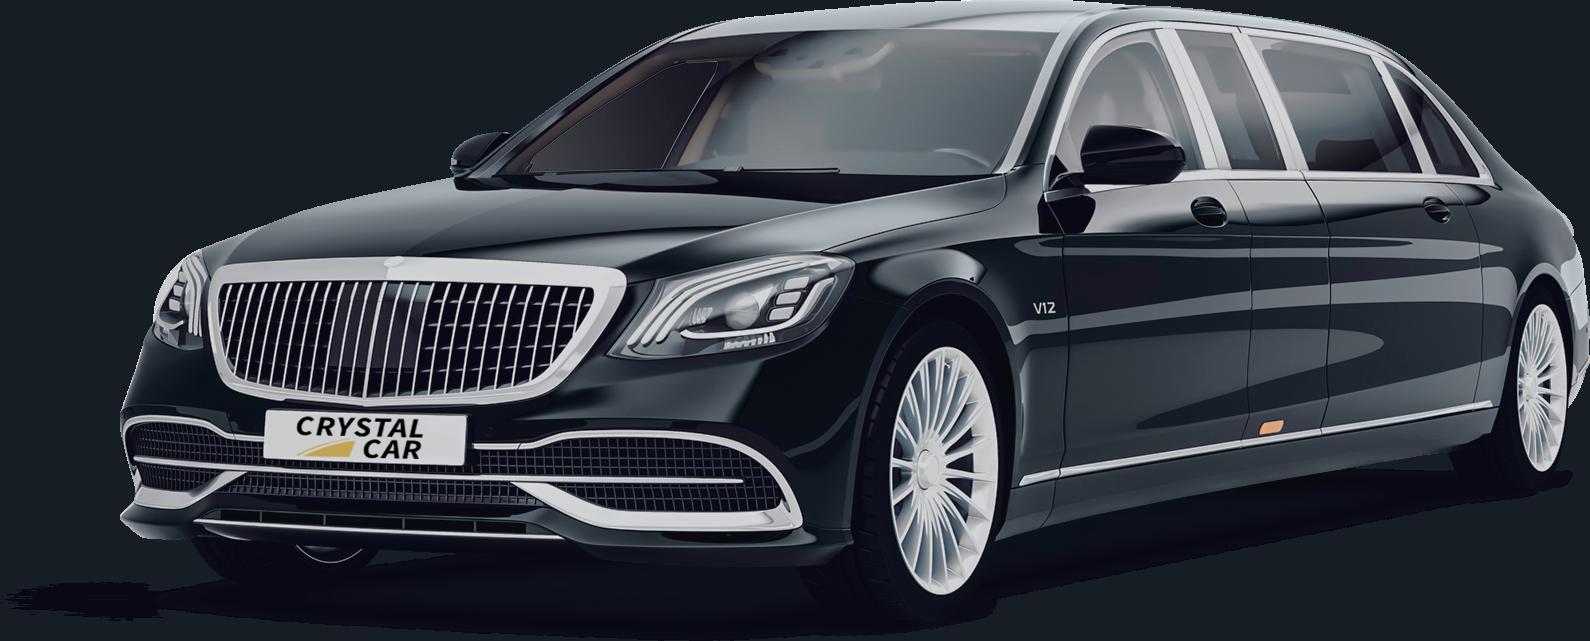 Louer une voiture de luxe en Tunisie